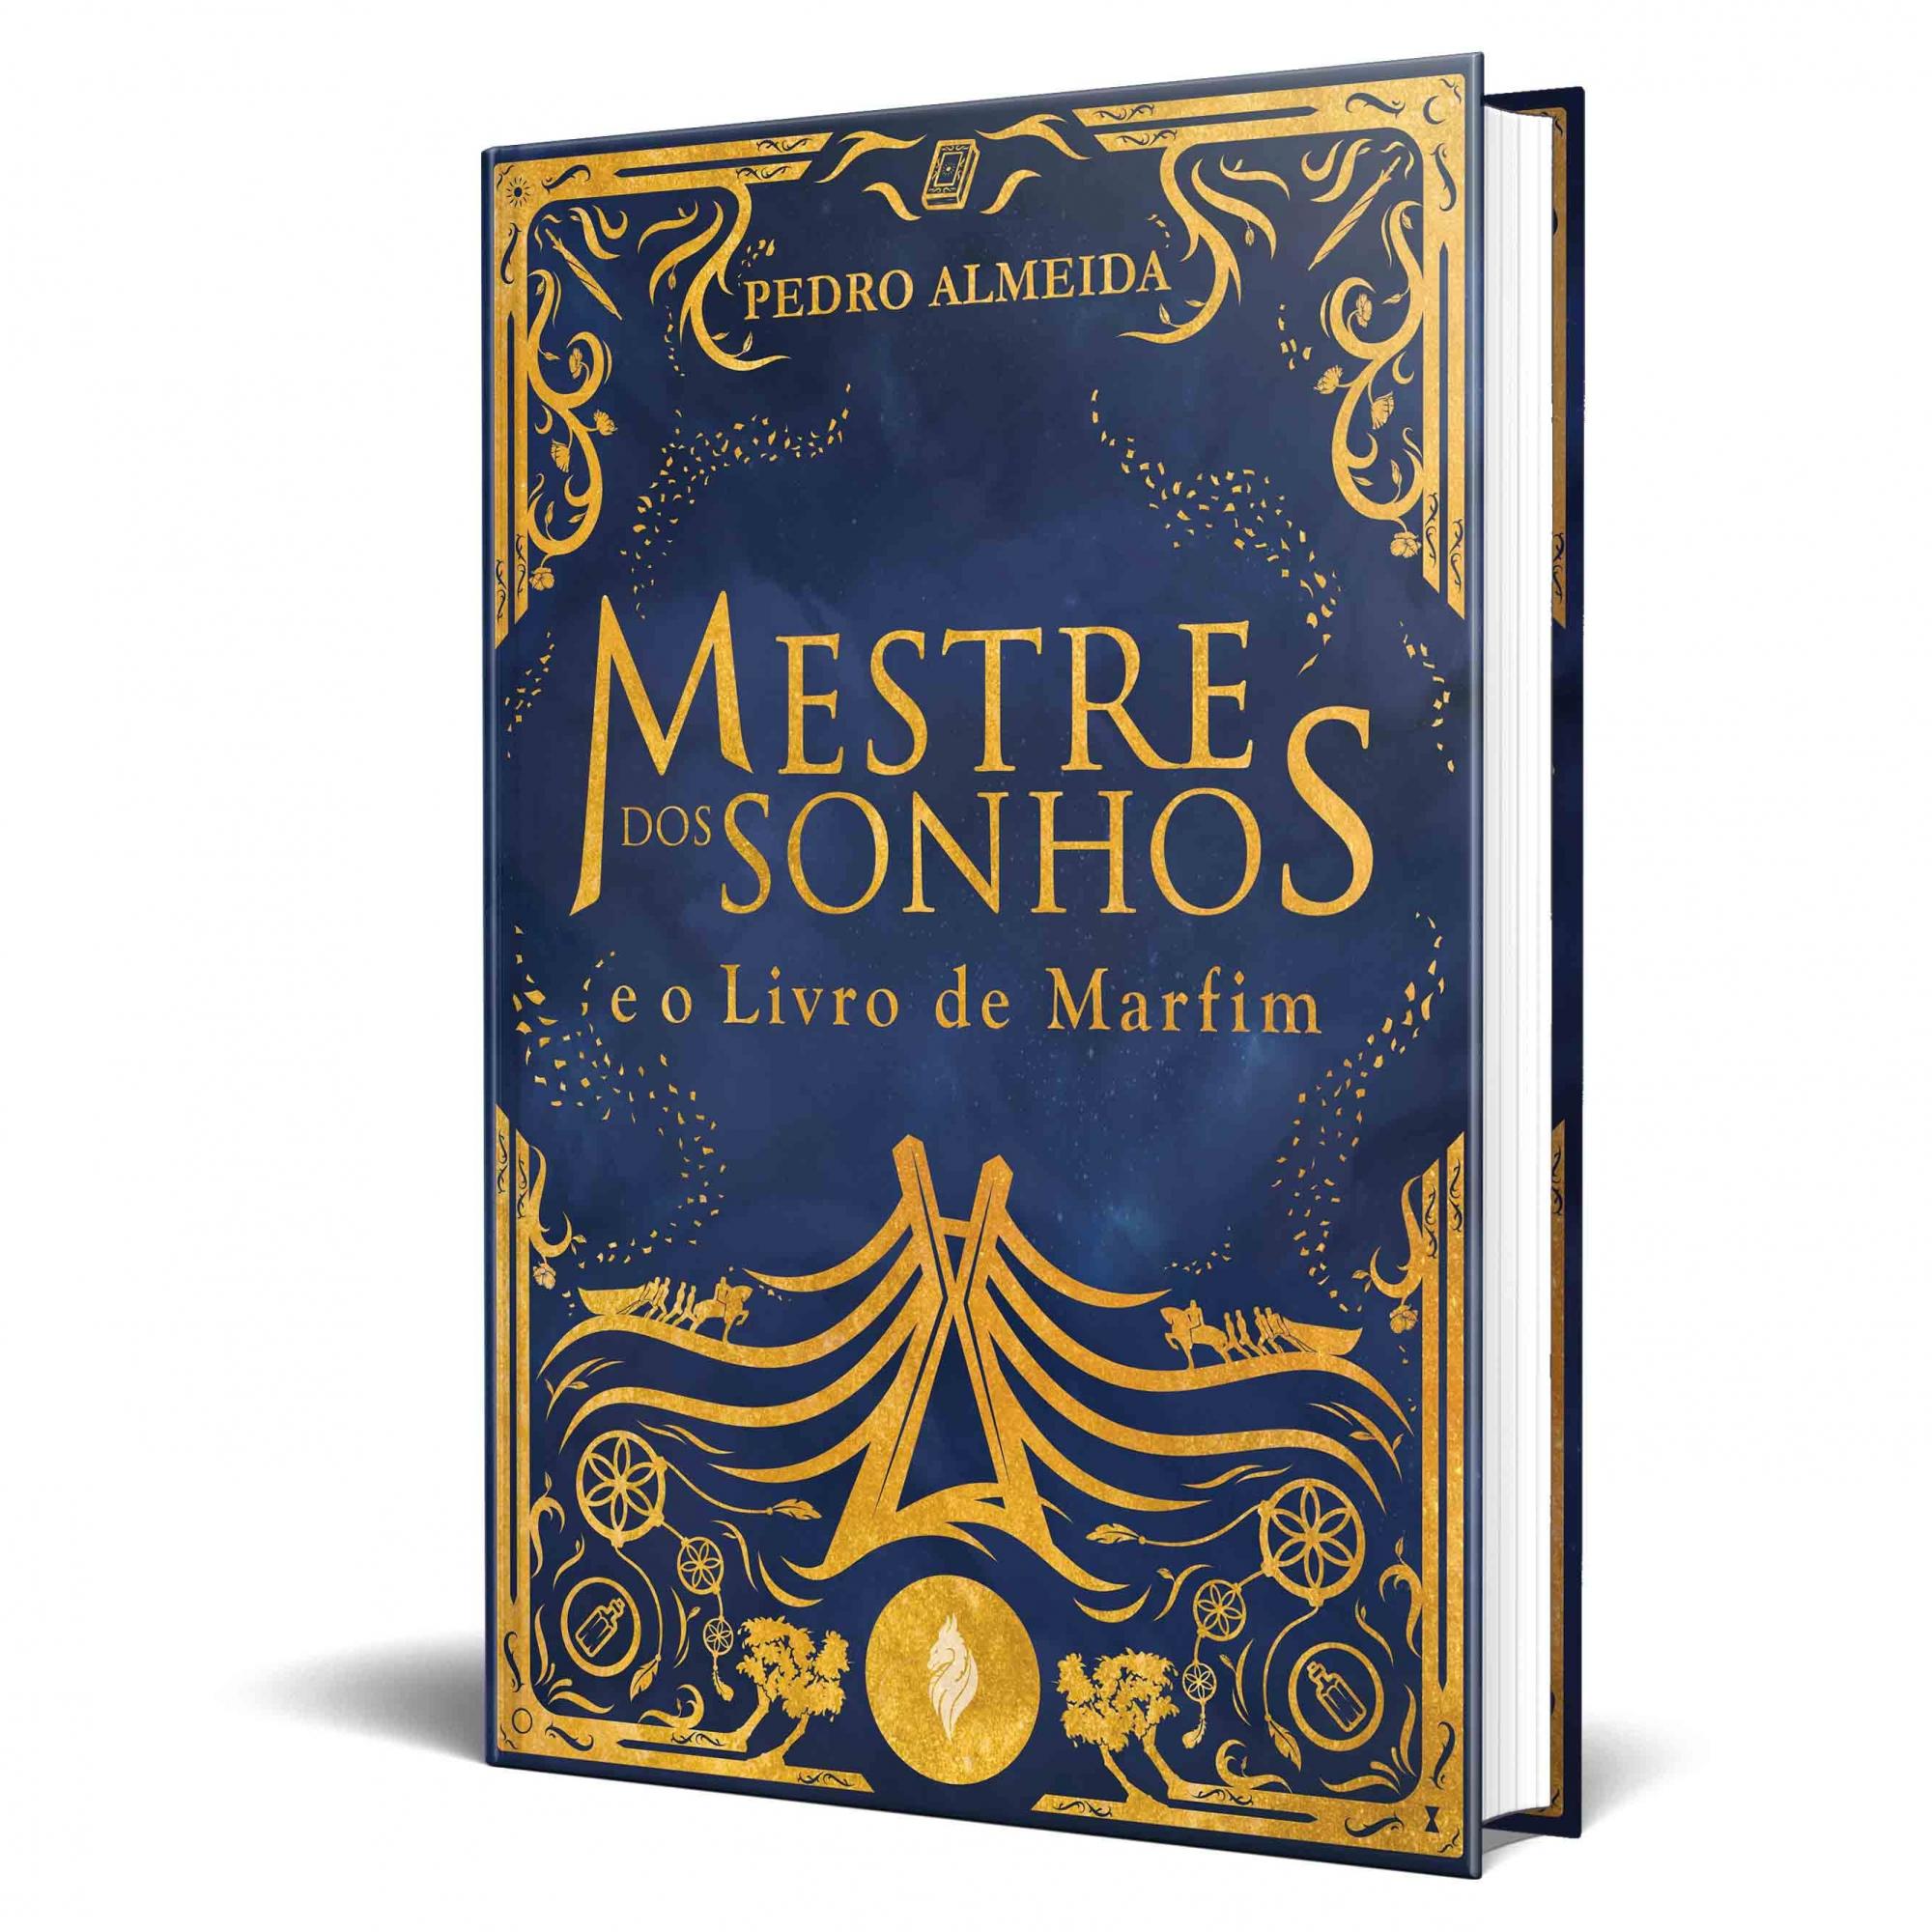 *** Pré-Venda *** do livro Mestre dos Sonhos e o Livro de Marfim